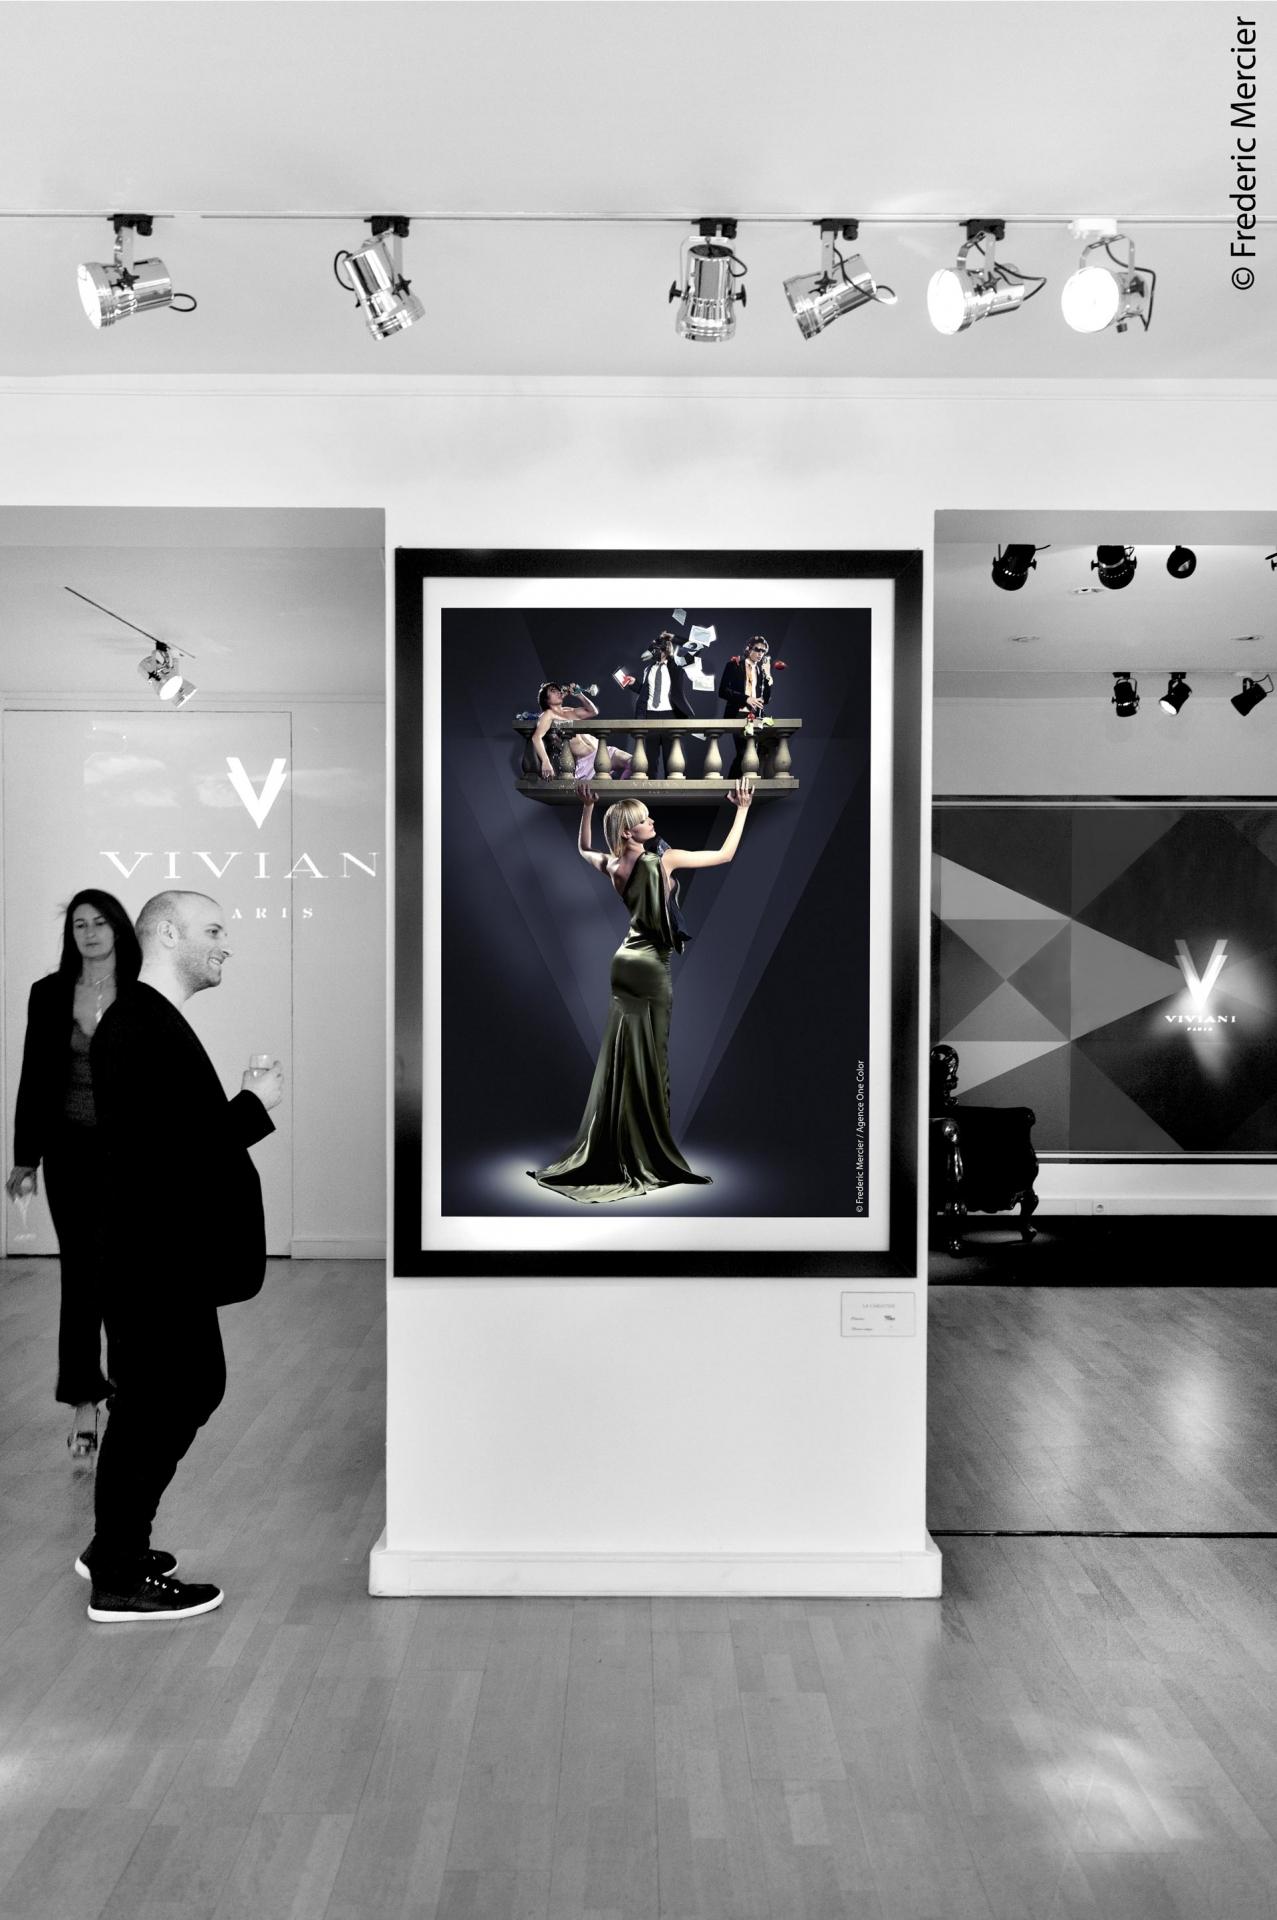 frederic mercier fashion photographer one color press expositions viviani paris